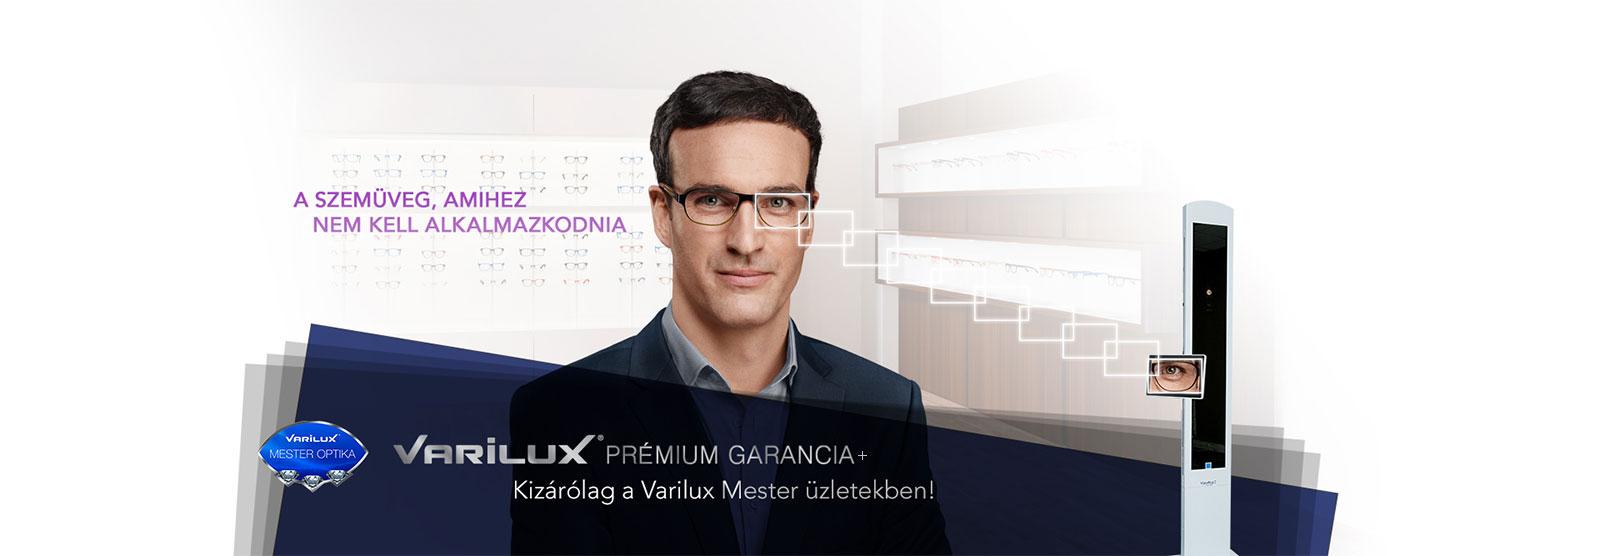 Varilux lencse 5e015cd9ea